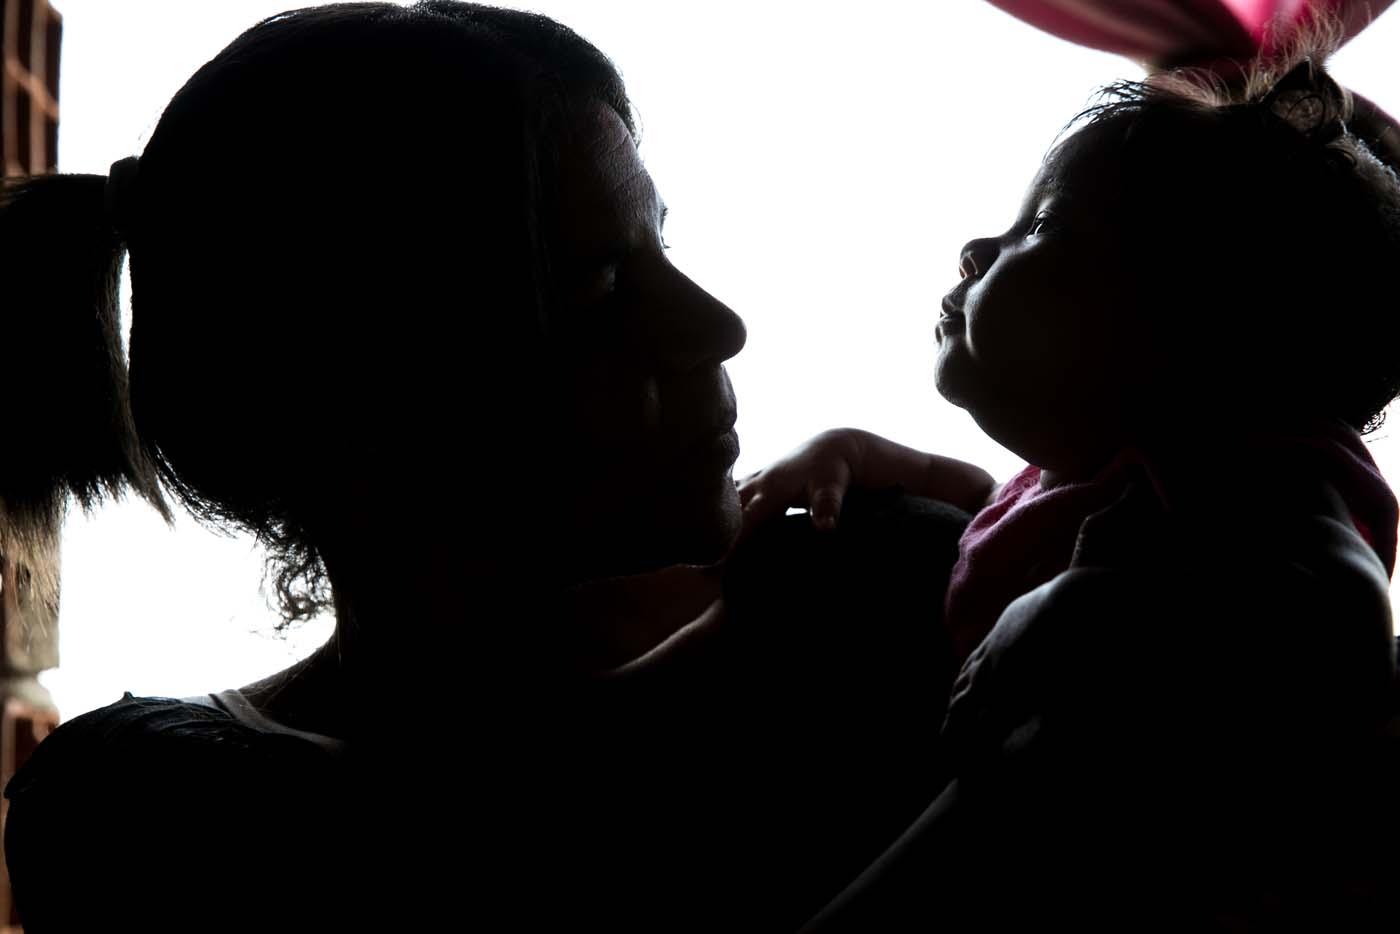 """ACOMPAÑA CRÓNICA VENEZUELA CRISIS - CAR001. LA GUAIRA (VENEZUELA) - Fotografías del 21 de septiembre del 2017 de """"Verónica"""" (nombre que prefirió usar para proteger su identidad) quien padece de Malaria, acompañada de su hija """"Ana"""" que padece de ceguera parcial secuela de la enfermedad de la madre en la ciudad de La Guaira (Venezuela). El repunte de al menos tres enfermedades infecciosas y víricas en Venezuela ha dejado ver el debilitamiento de su sistema sanitario, y especialistas aseguran que la fuerte presencia de difteria, malaria y sarampión, se debe, entre otras cosas, a la poca vigilancia y a la falta de medidas preventivas. EFE/MIGUEL GUTIÉRREZ"""